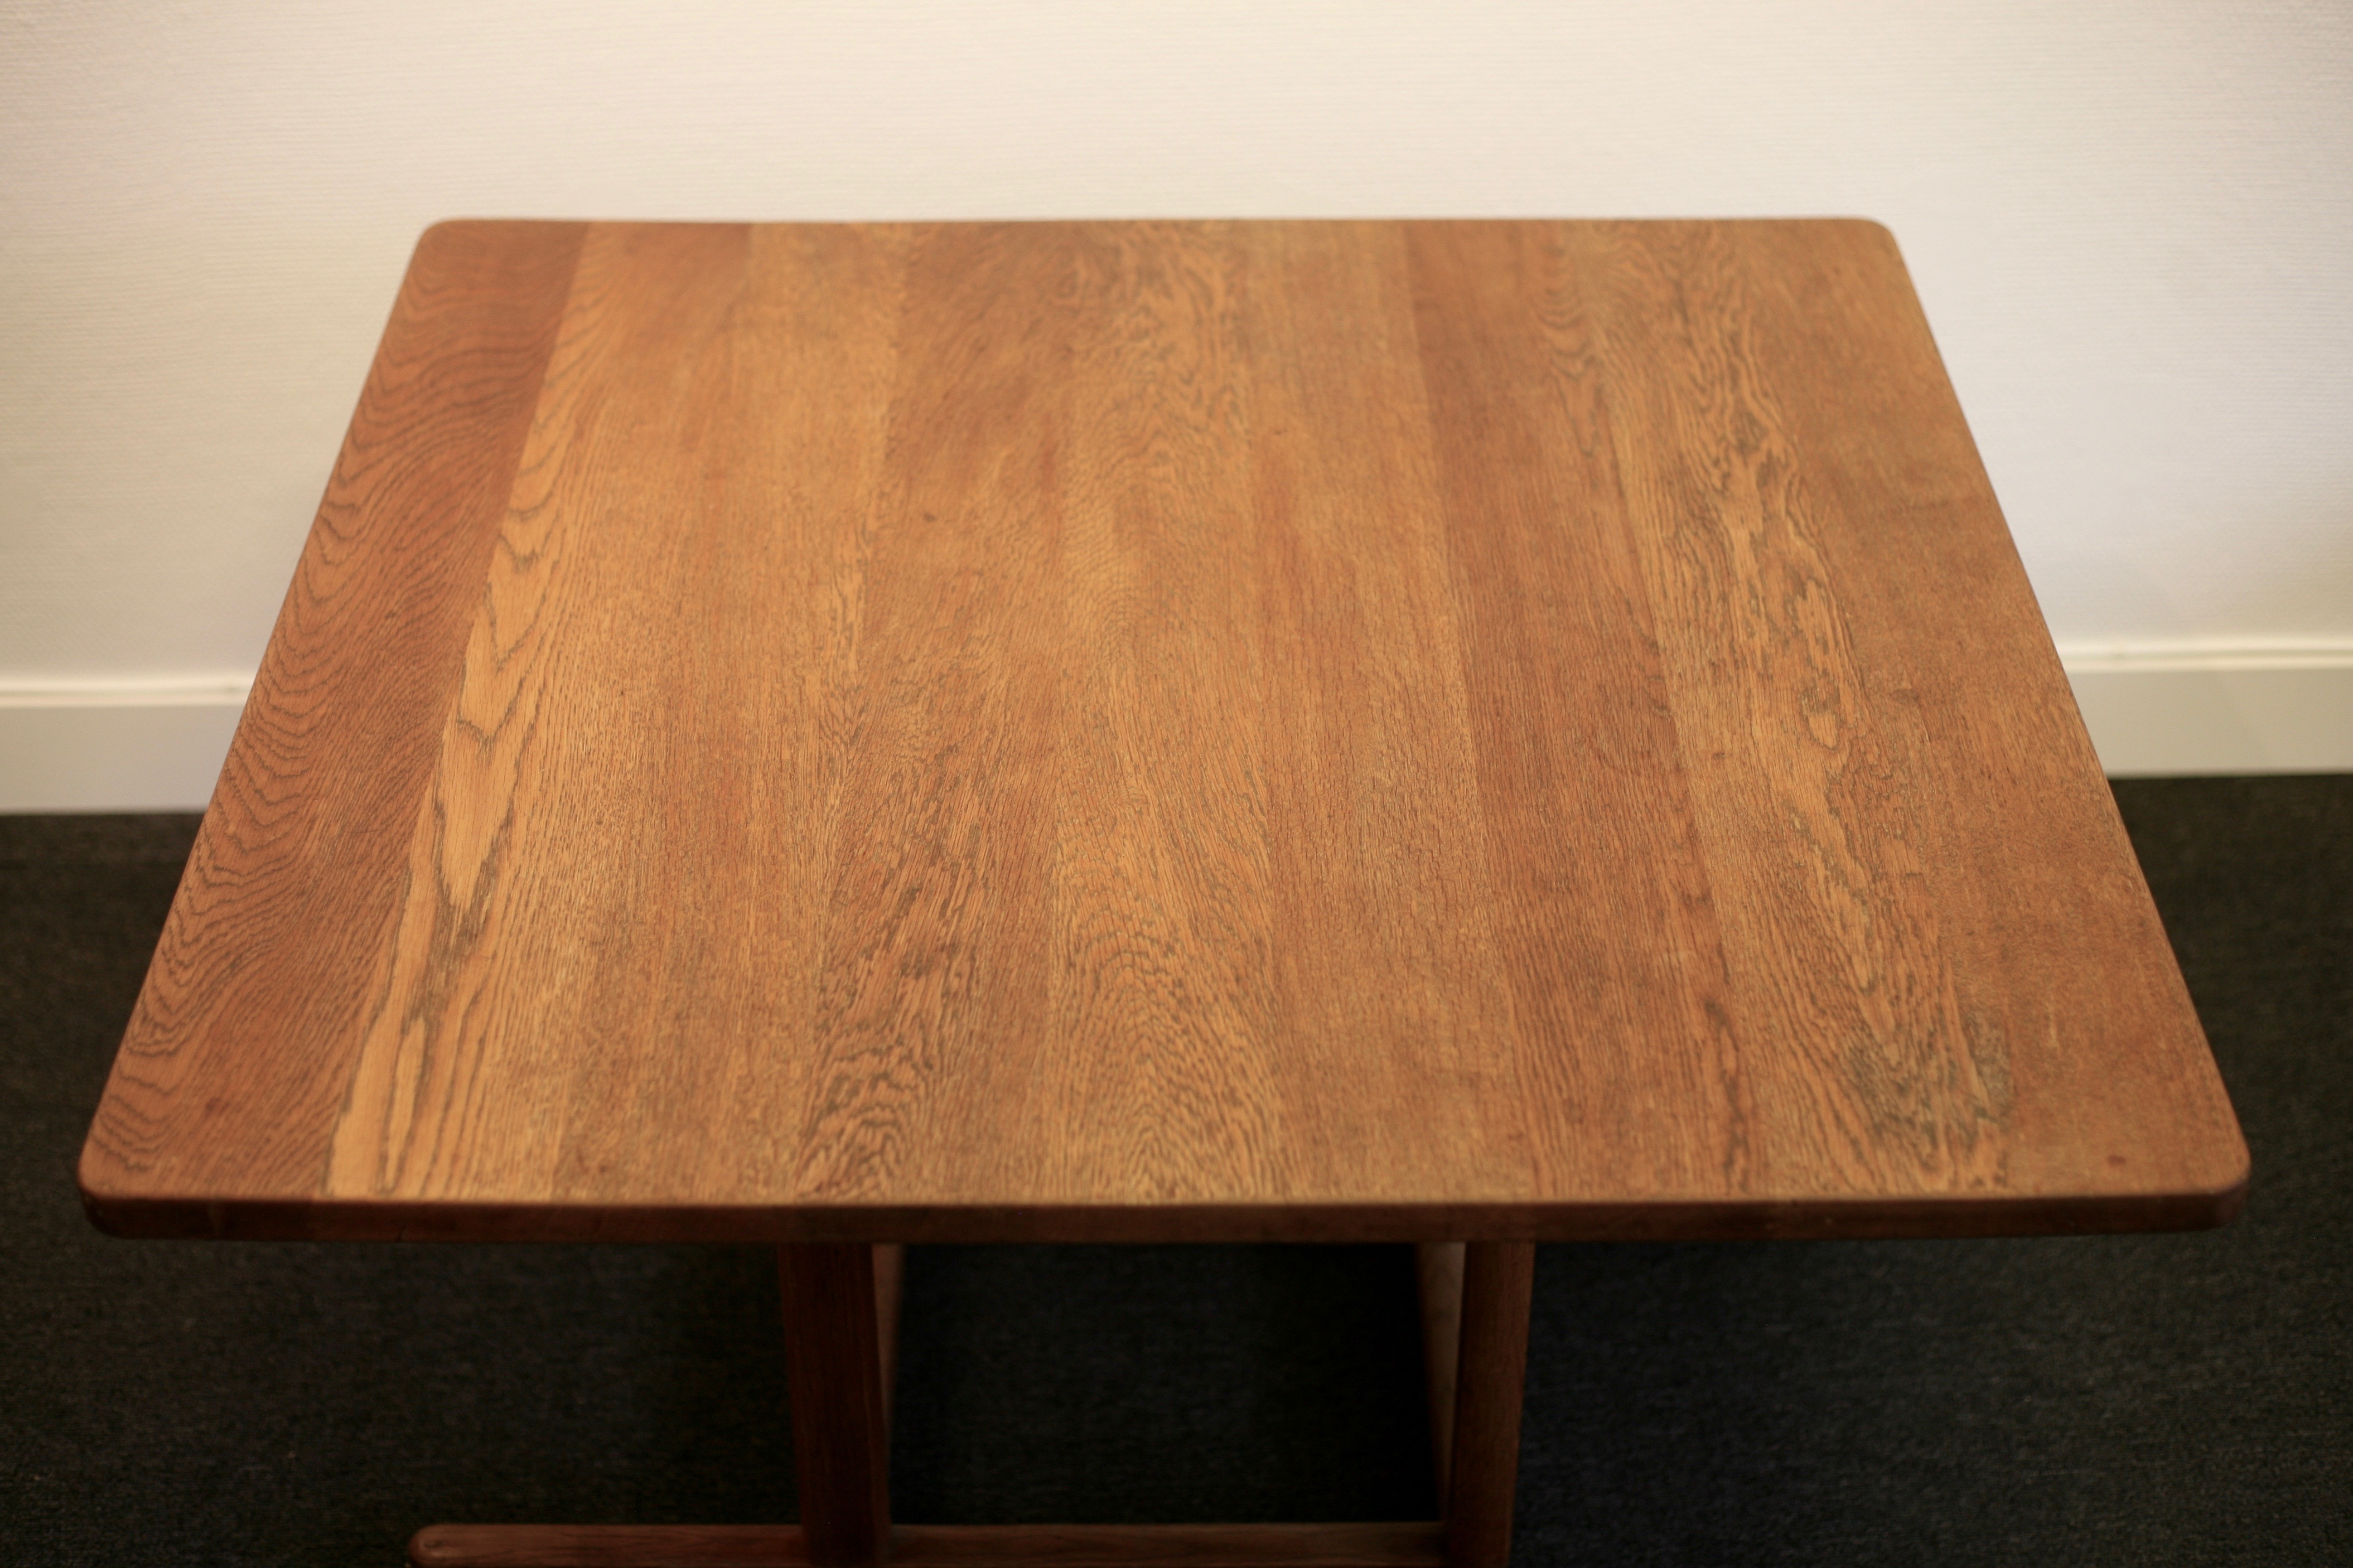 Coffee table, model 5271 in massive oak, by Börge Mogensen for Fredericia